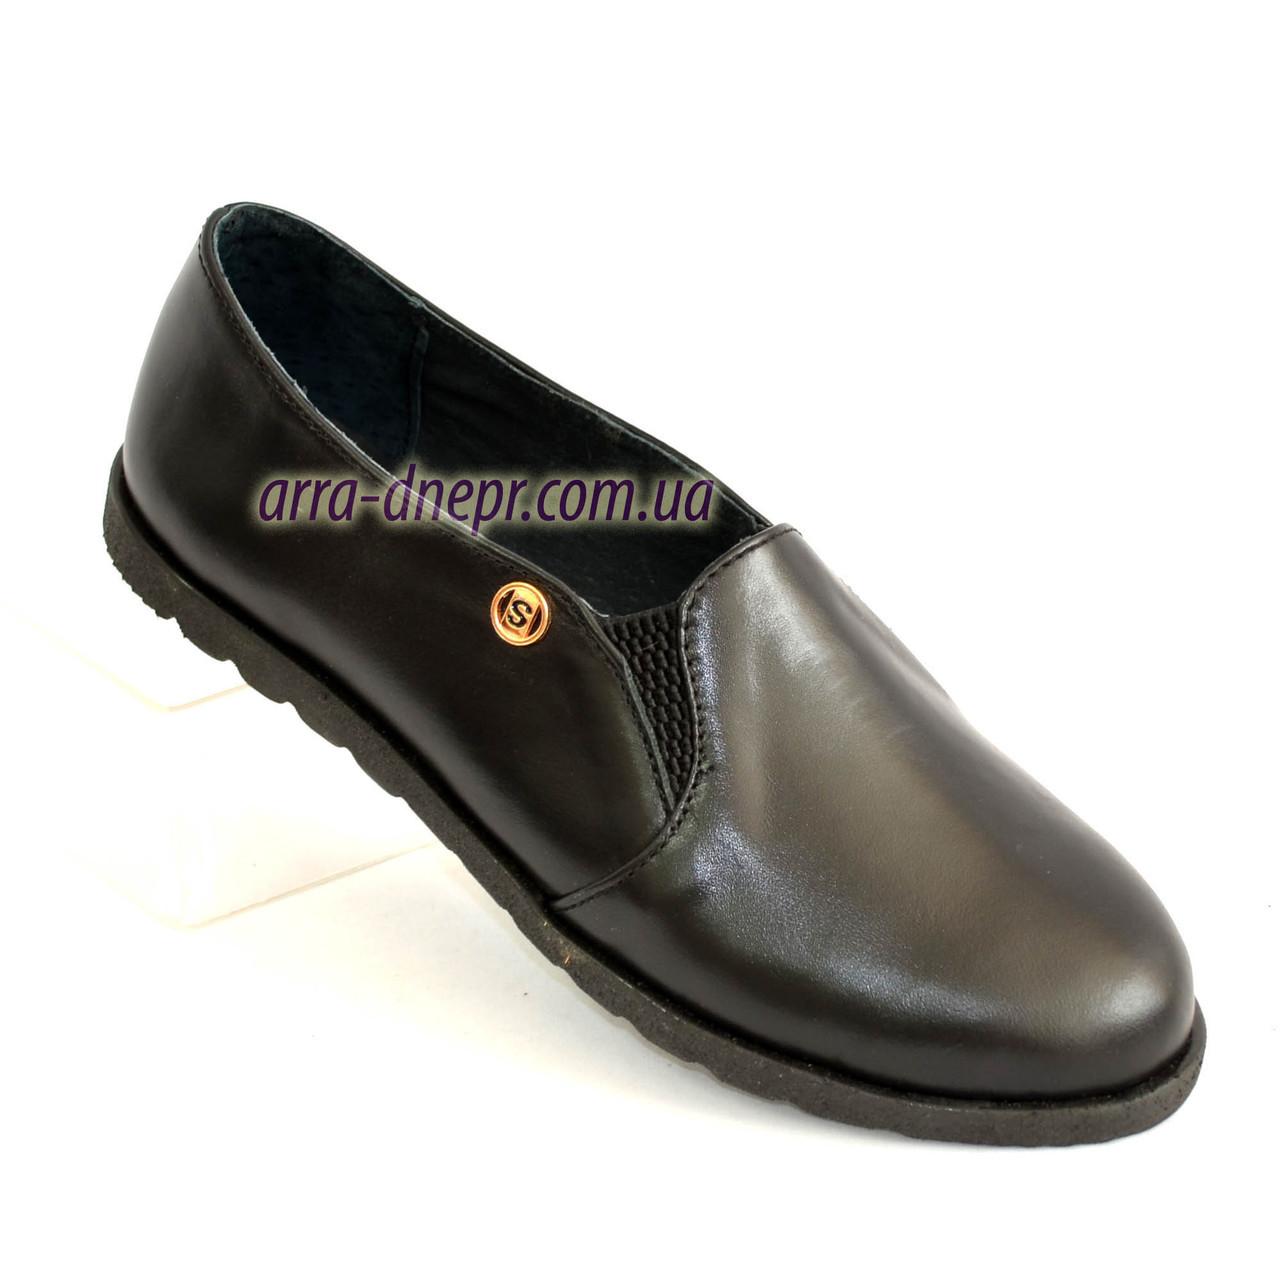 Женские черные кожаные туфли, декорированы фурнитурой.